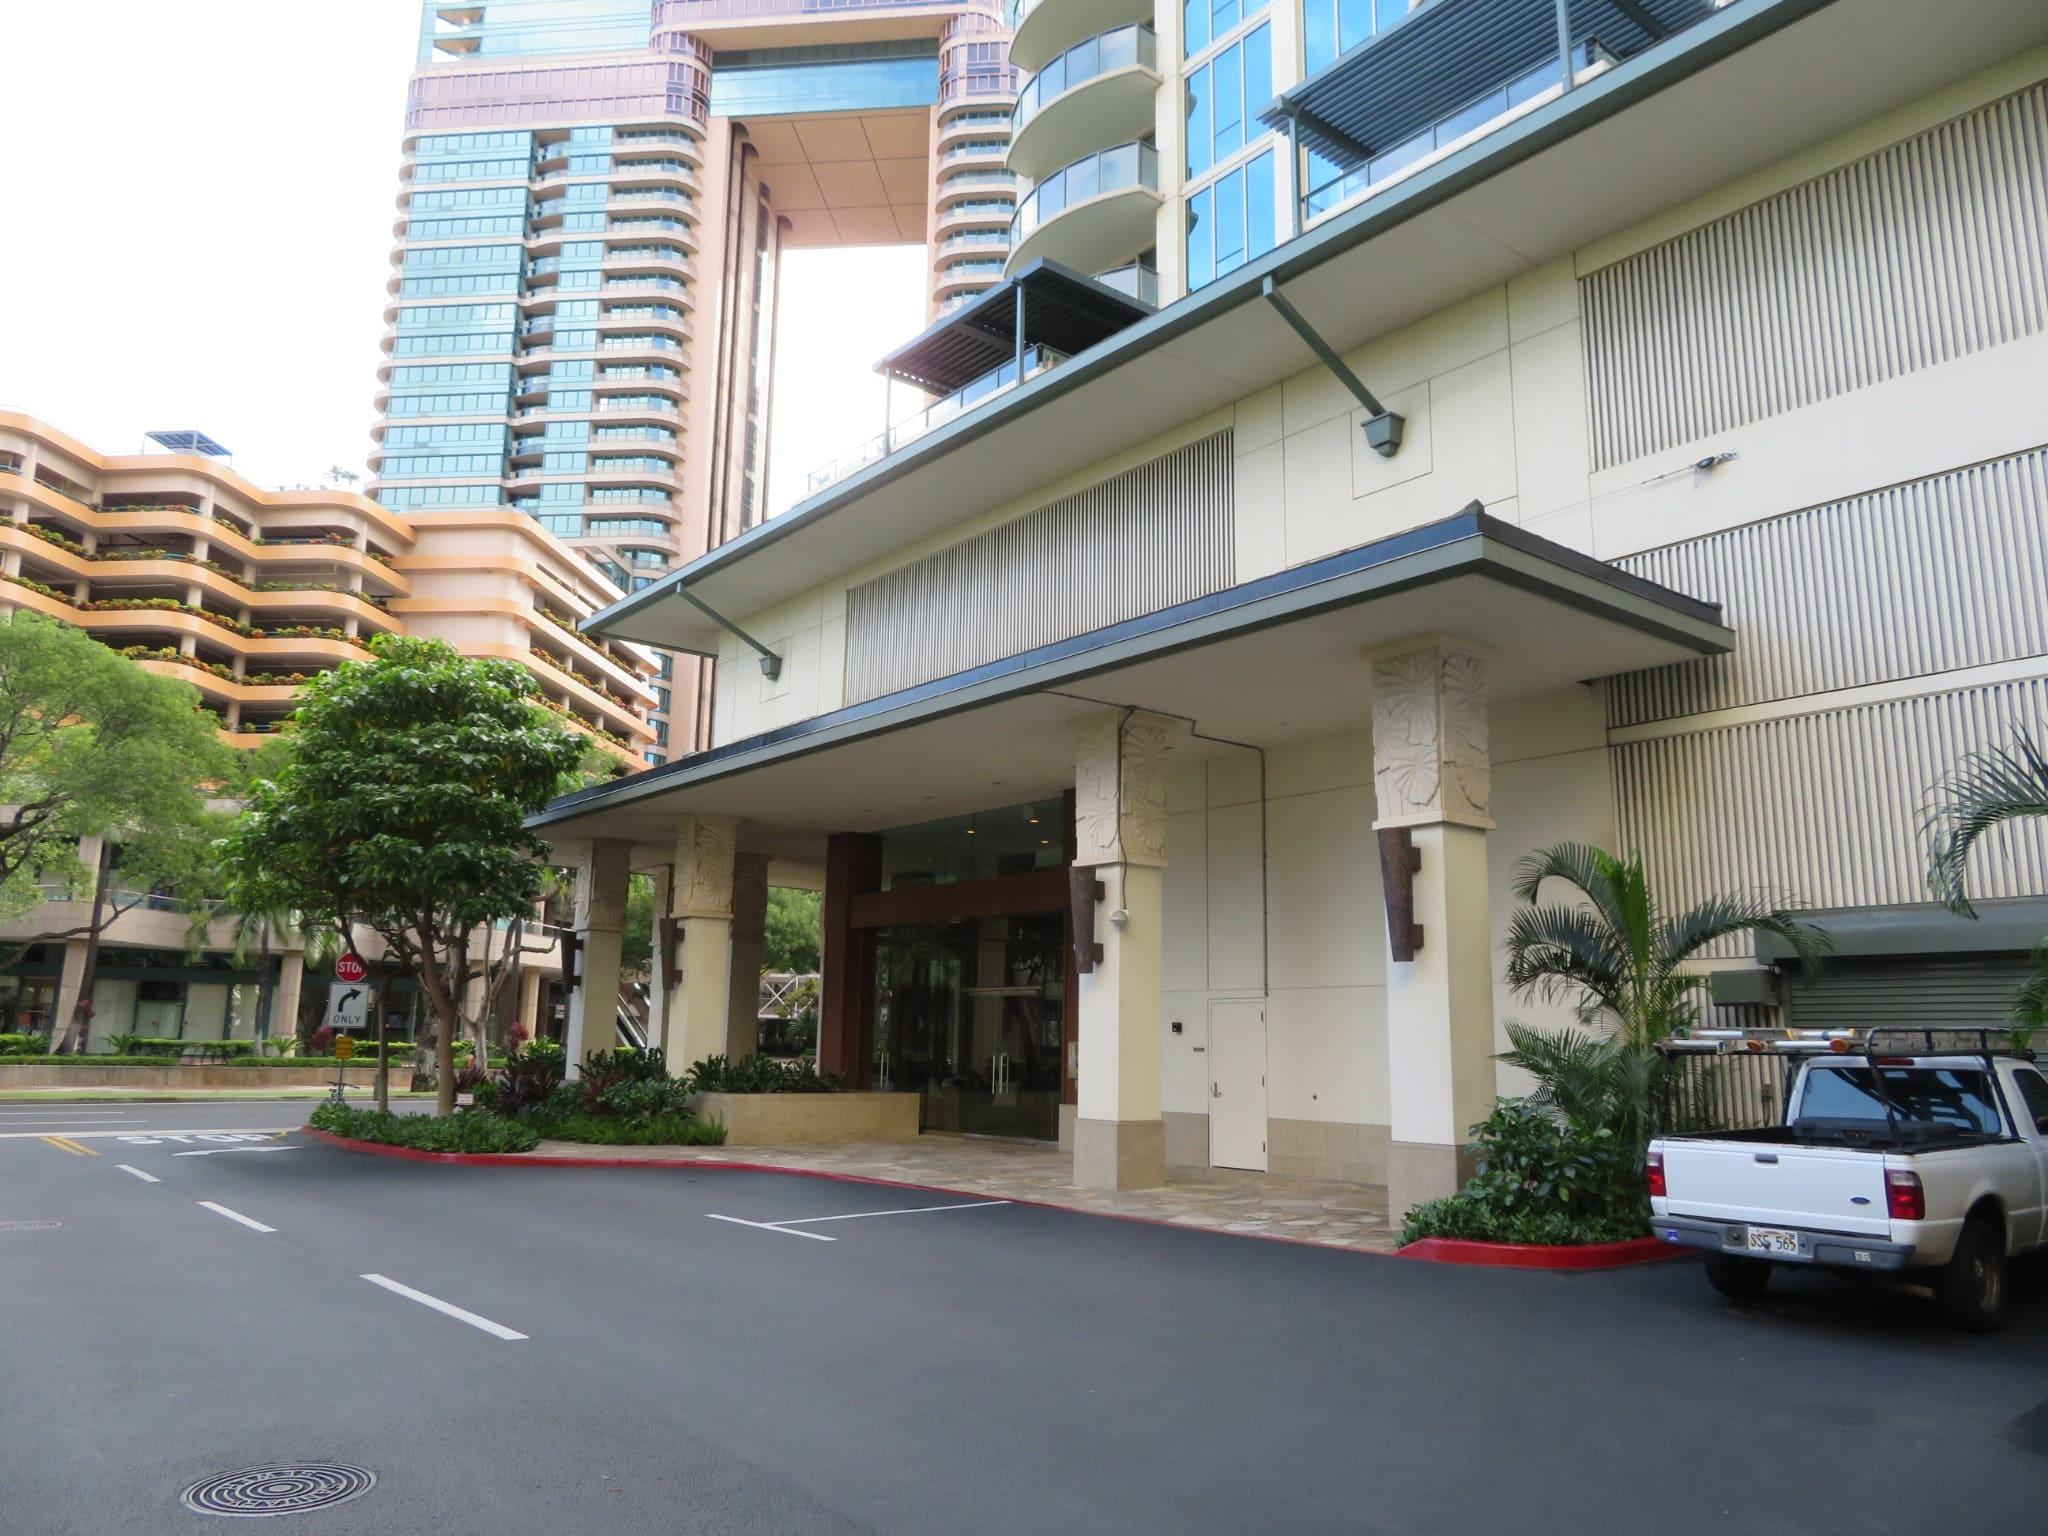 アルーア・ワイキキ / Allure Waikiki